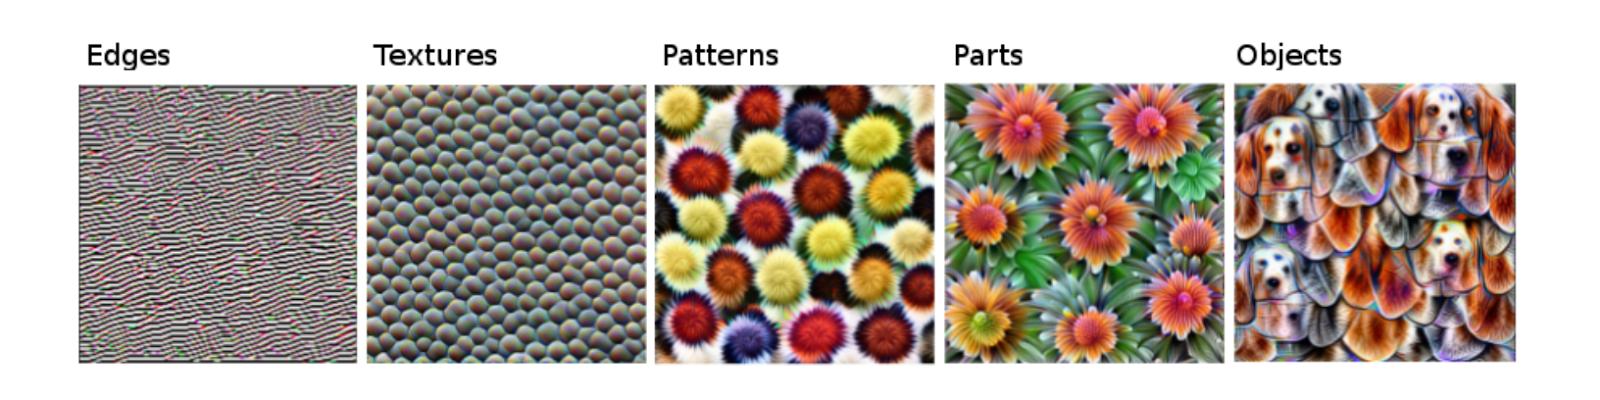 Eine Reihe von Bildern, die Konturen, Muster, Einzelteile und ganze Objekte zeigen.